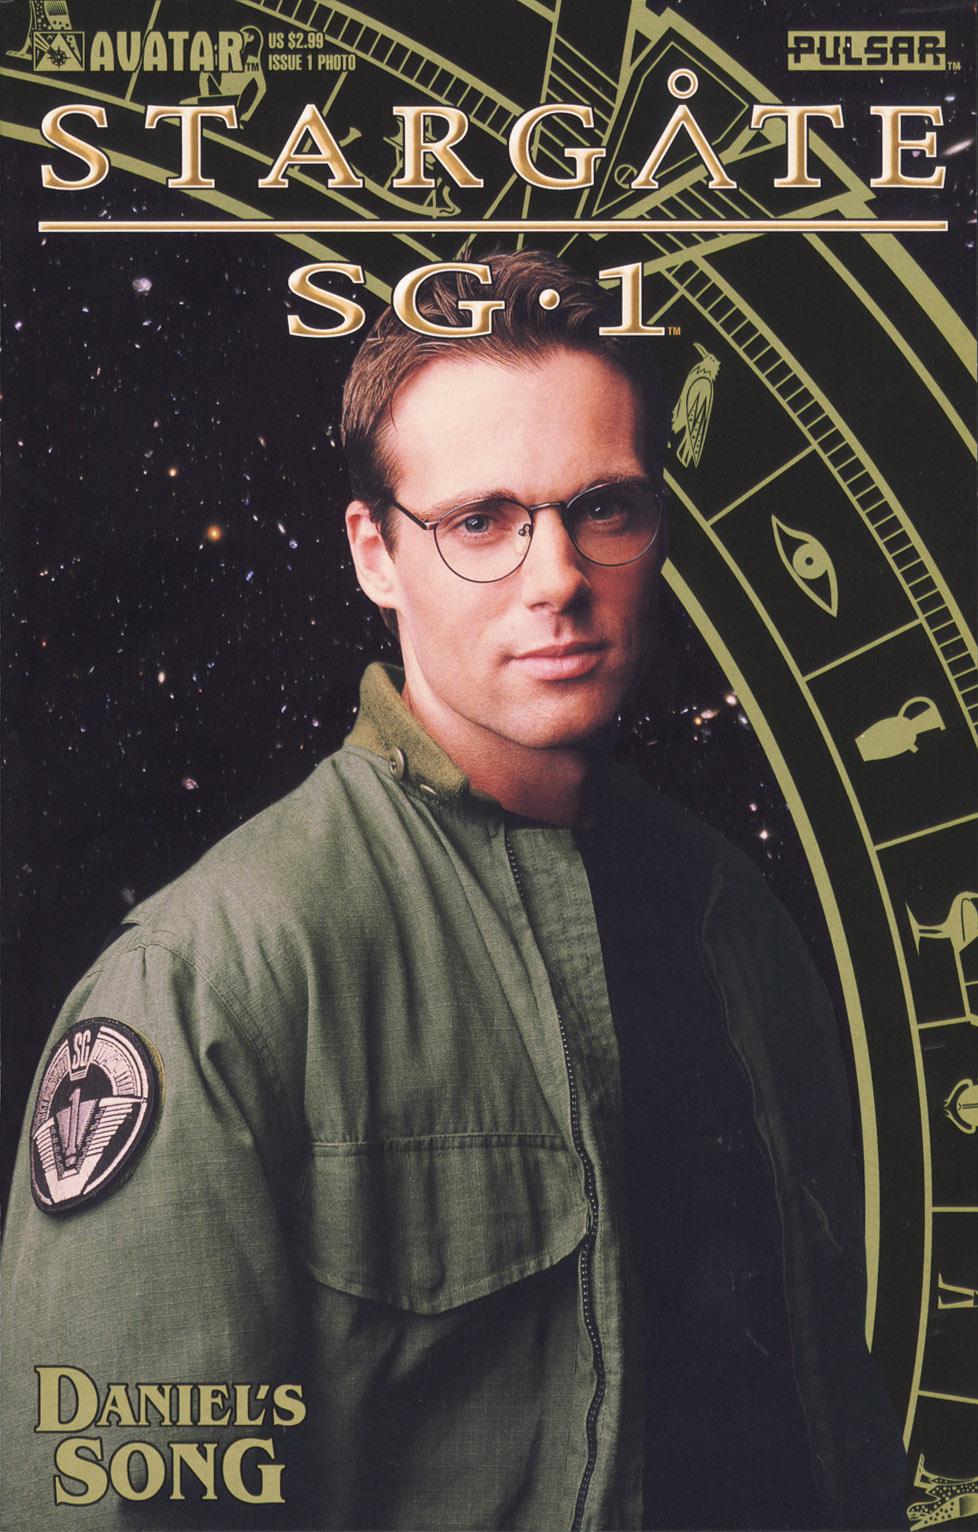 Read online Stargate SG-1: Daniel's Song comic -  Issue # Full - 1